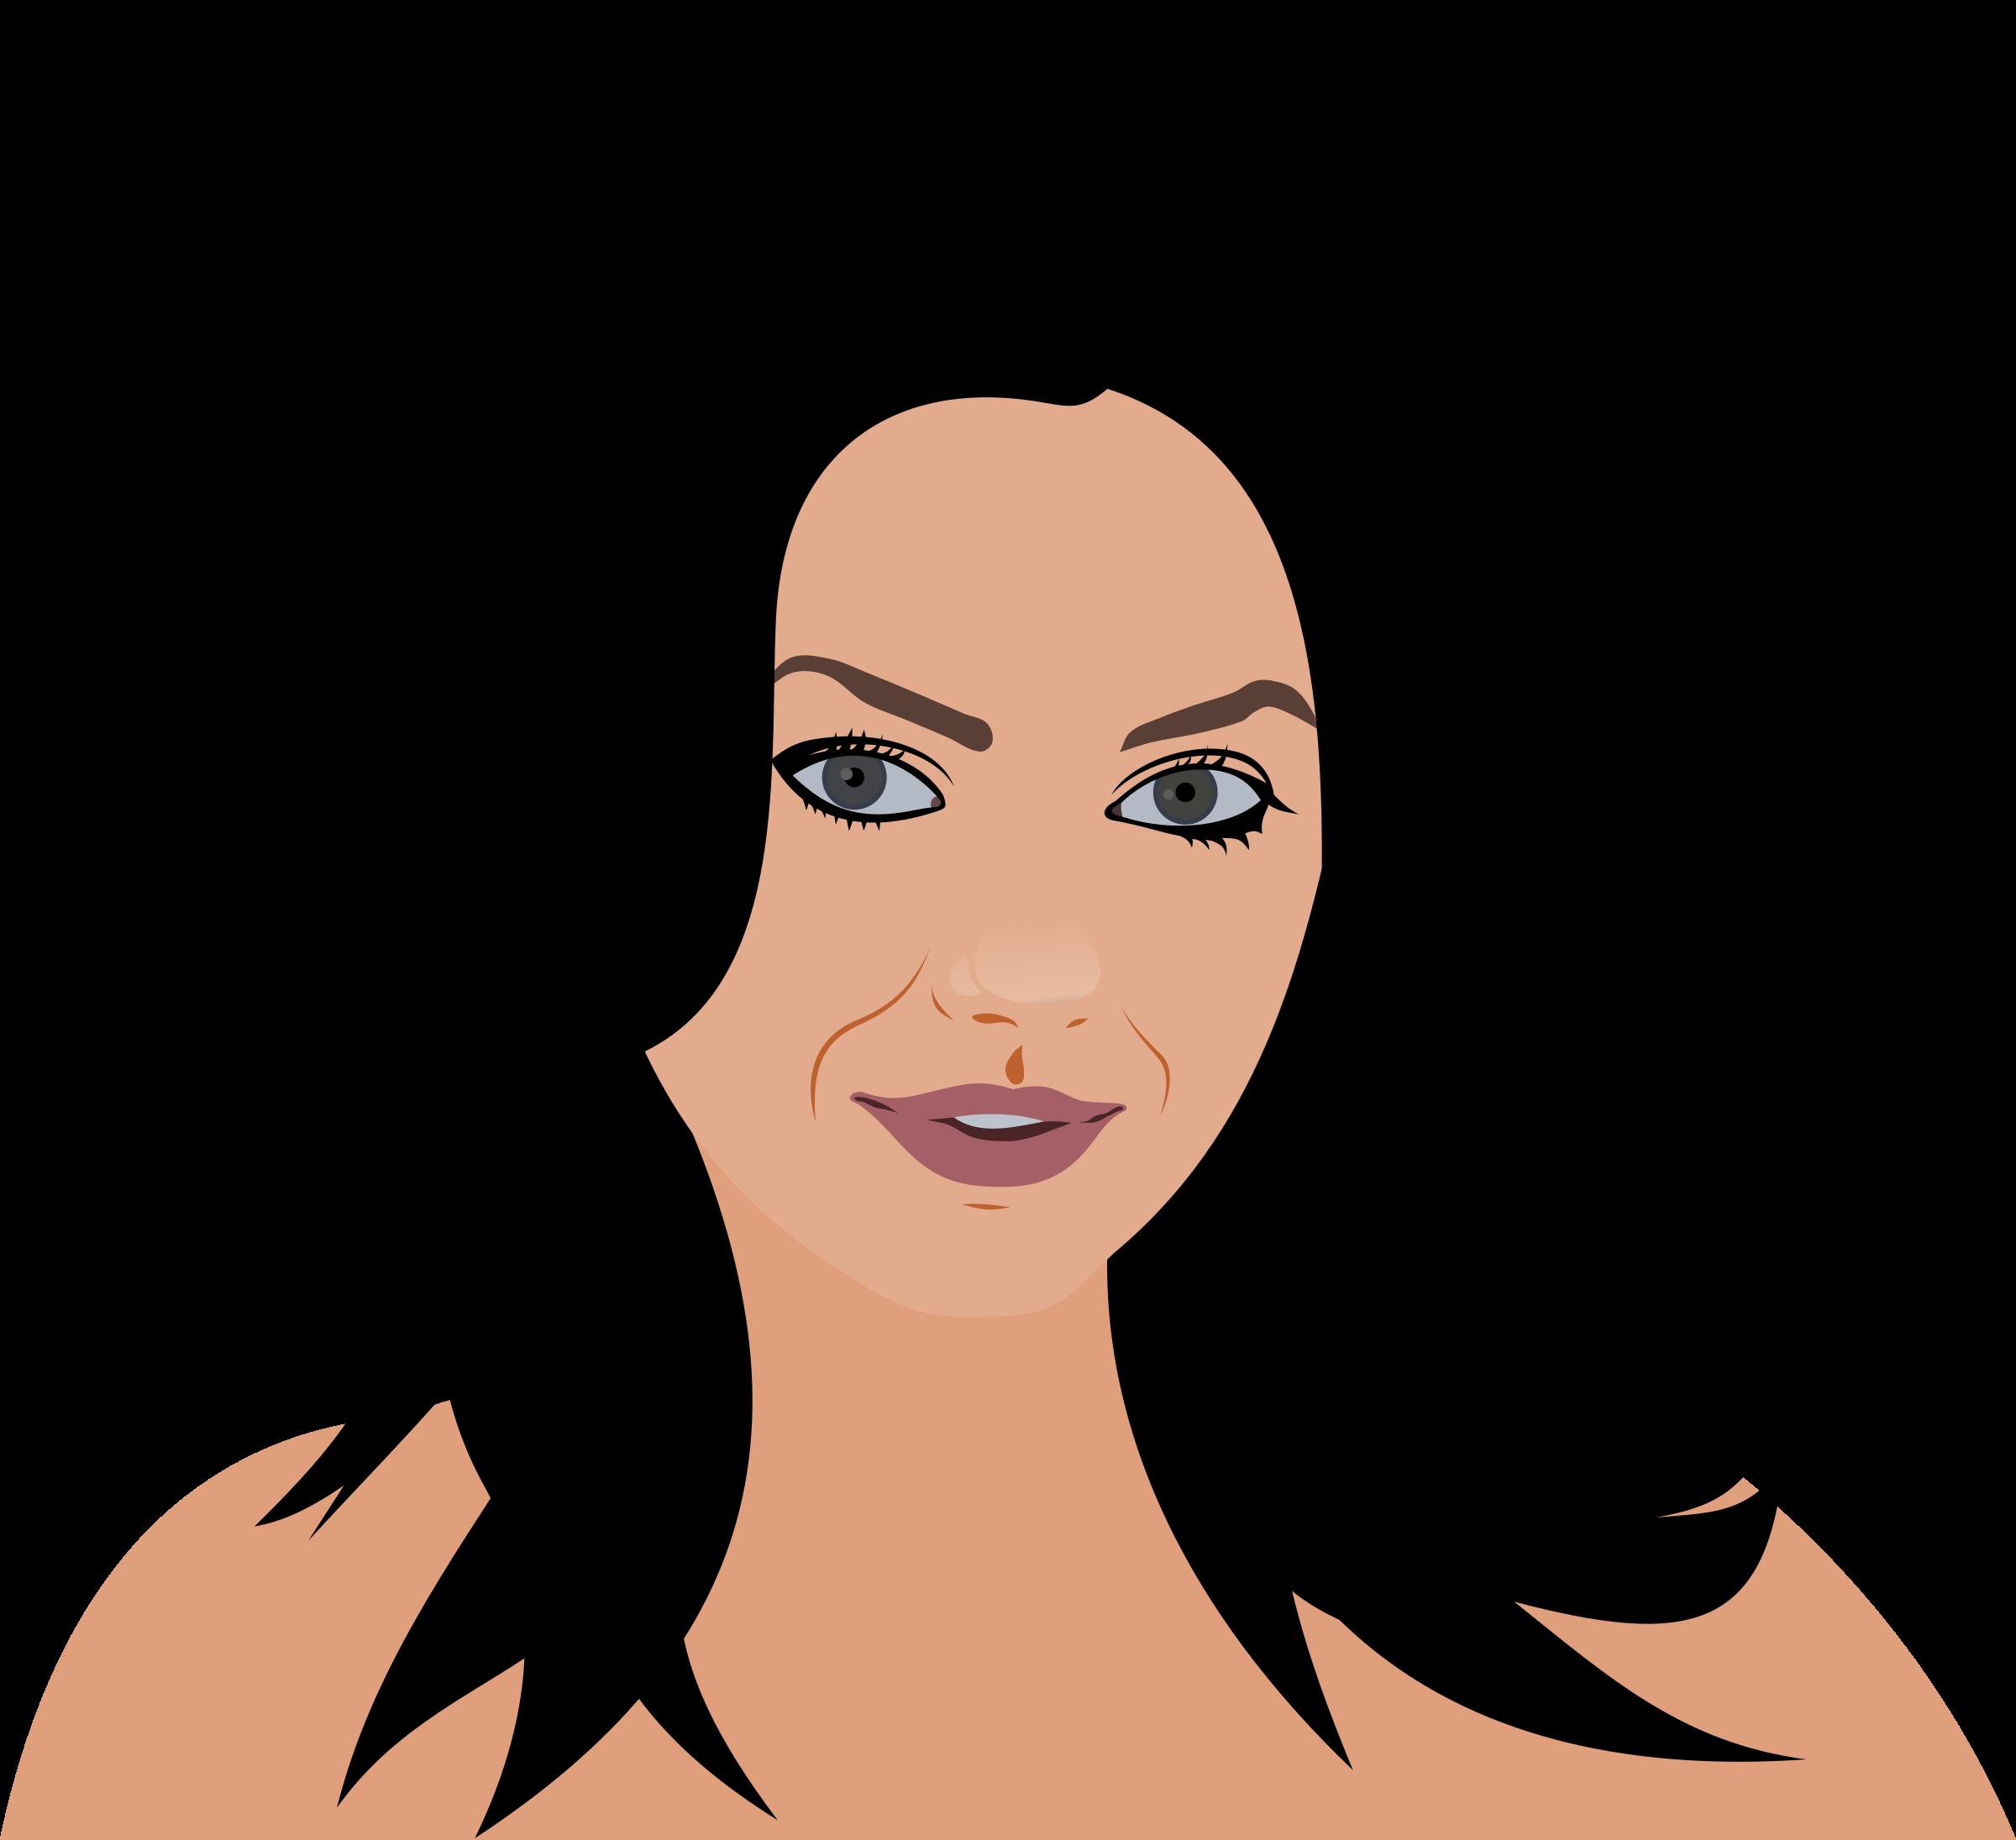 cartoon woman face - HD1280×1168